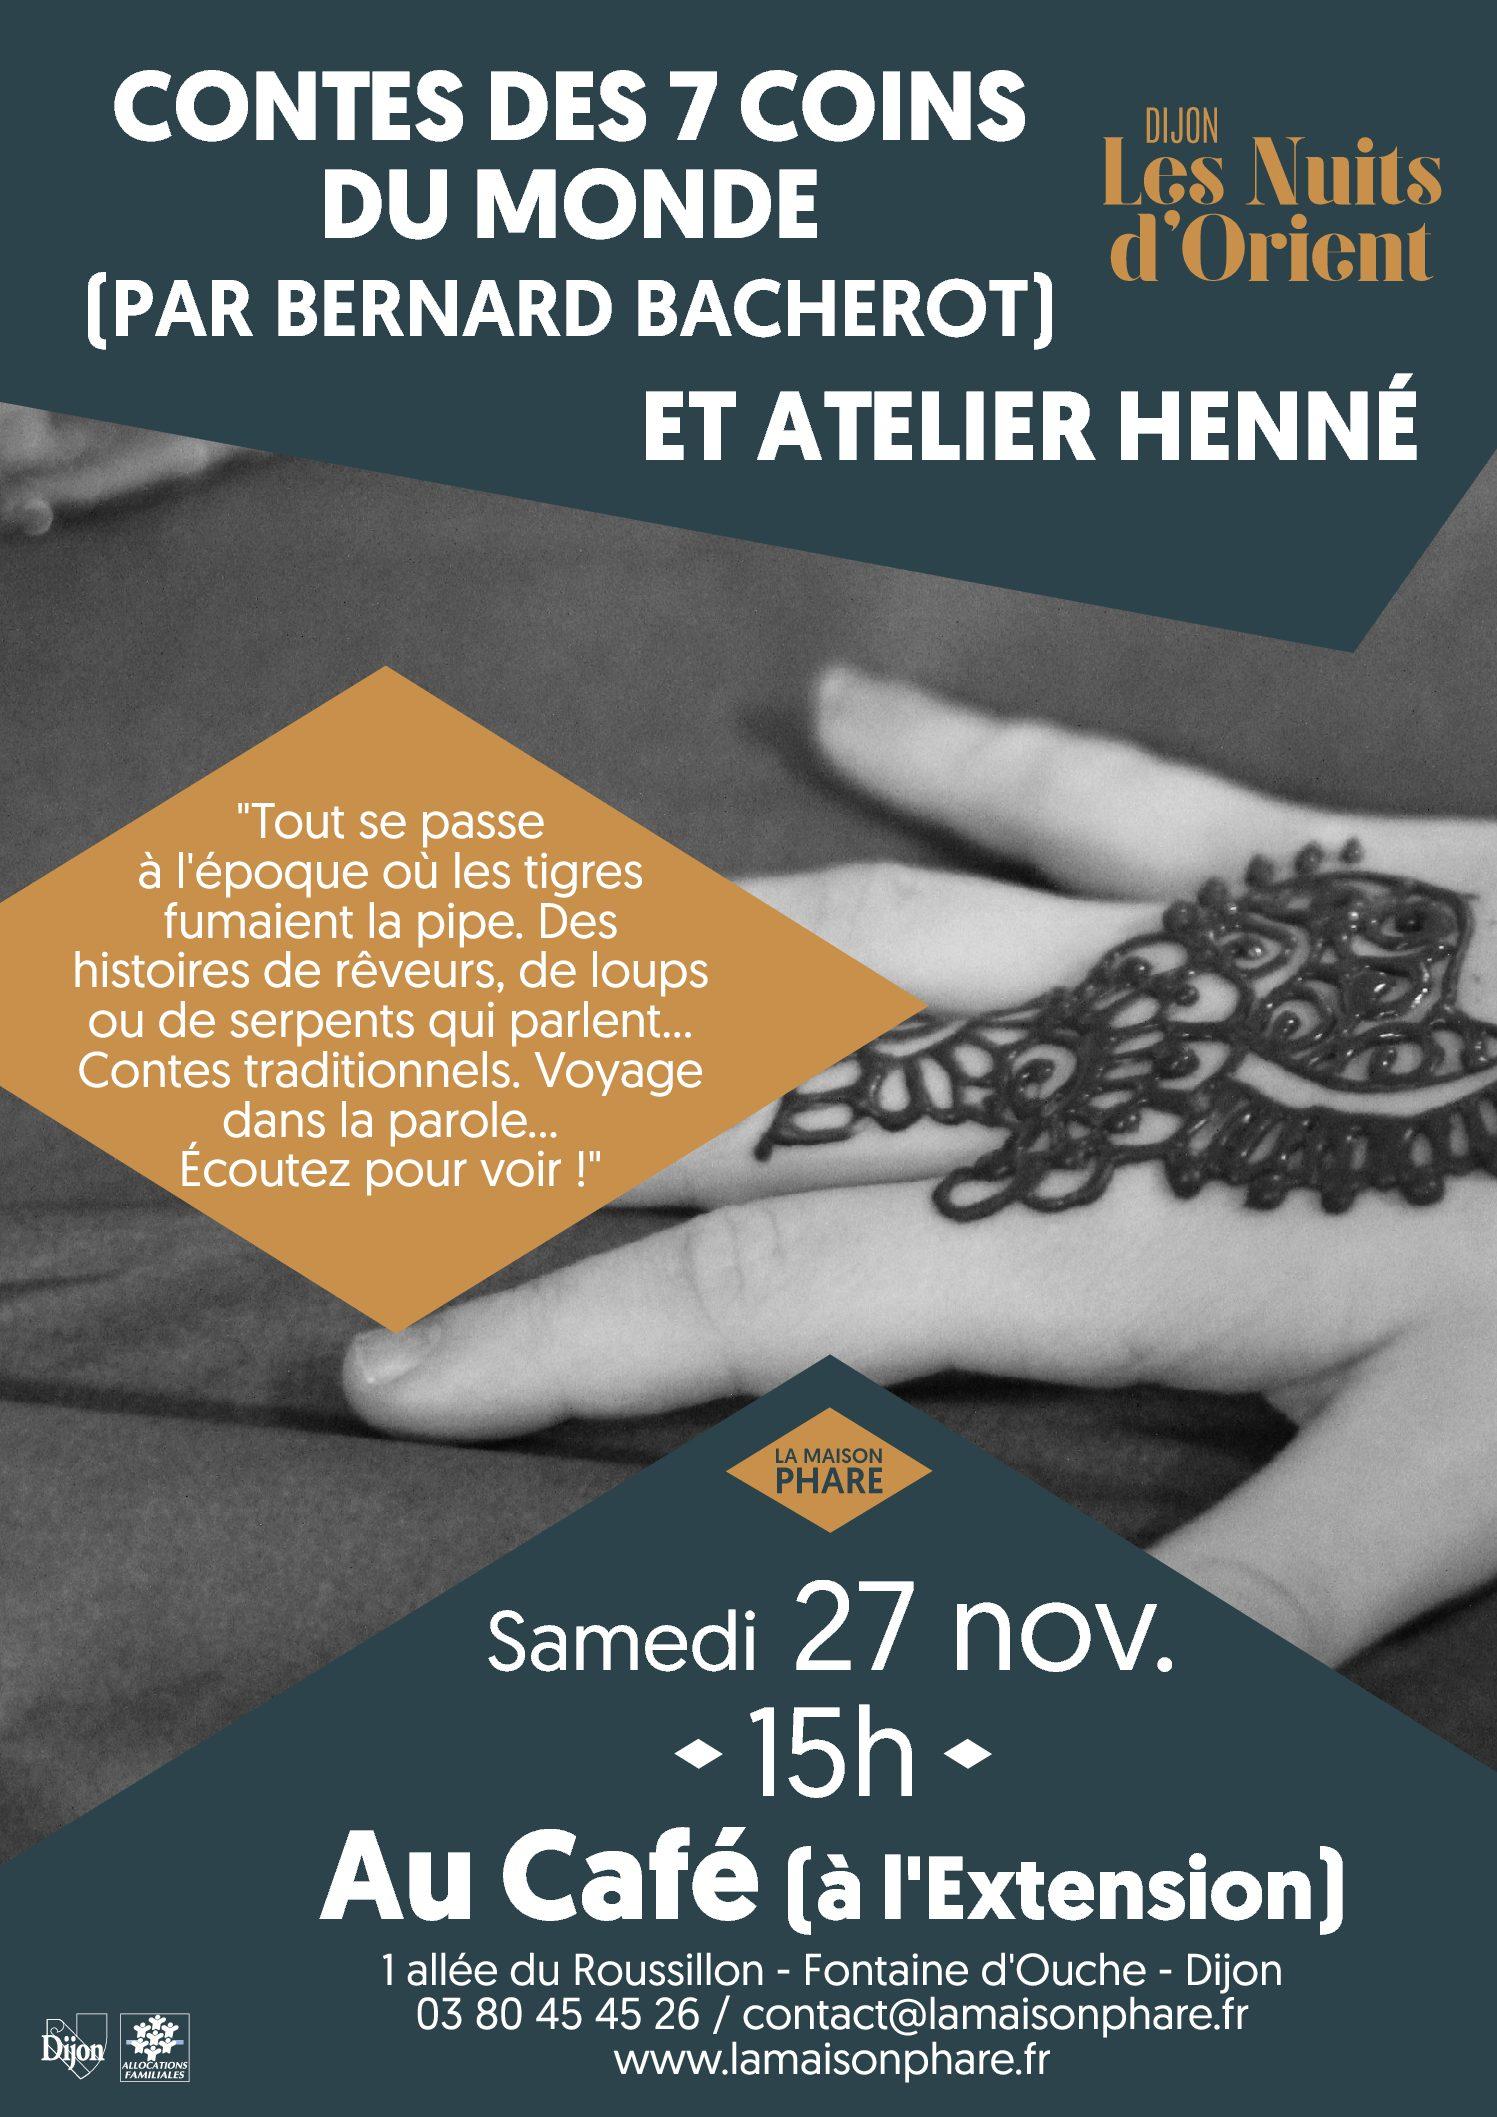 Les Nuits d'Orient : Contes des 7 coins du monde et atelier henné